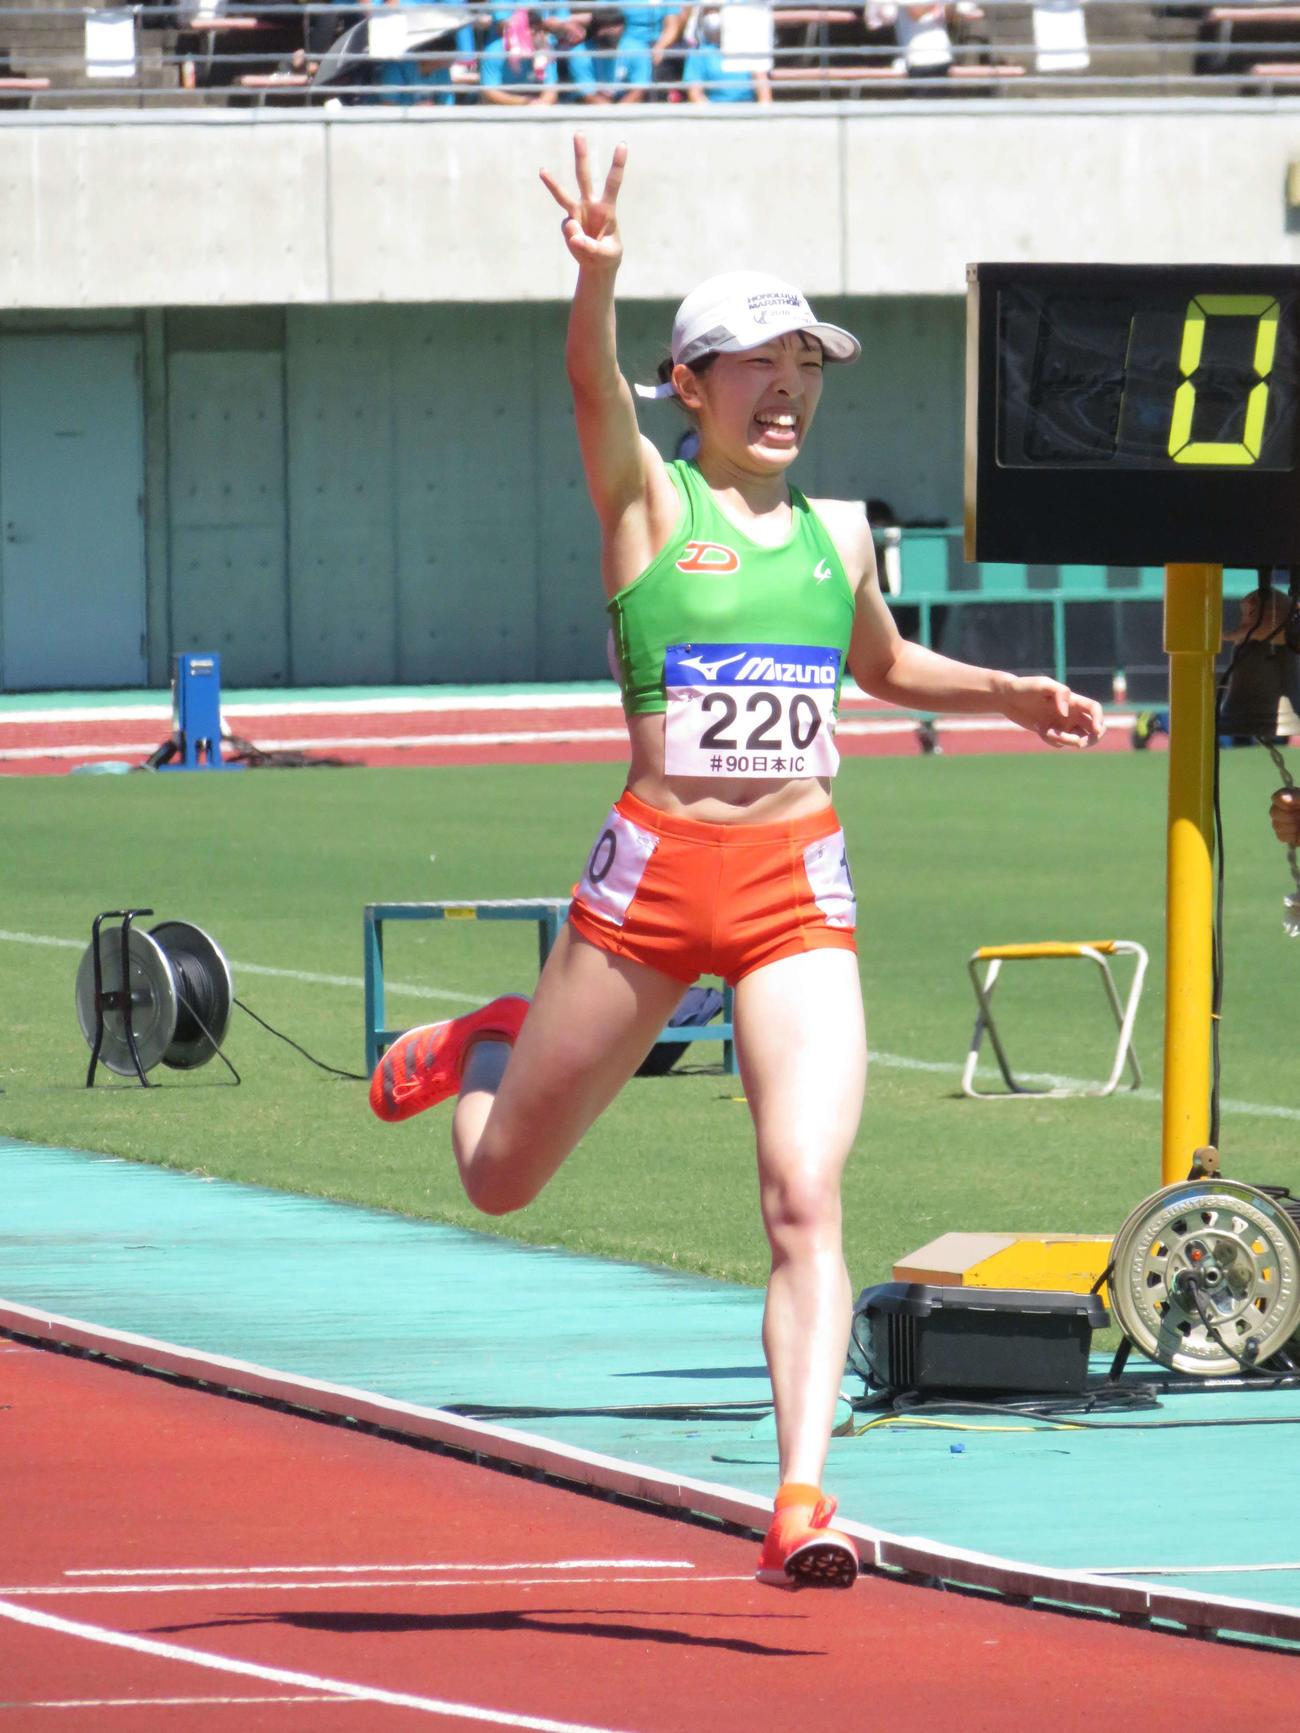 女子3000メートル障害で3連覇を果たし、ゴールする瞬間の吉村玲美(撮影・近藤由美子)